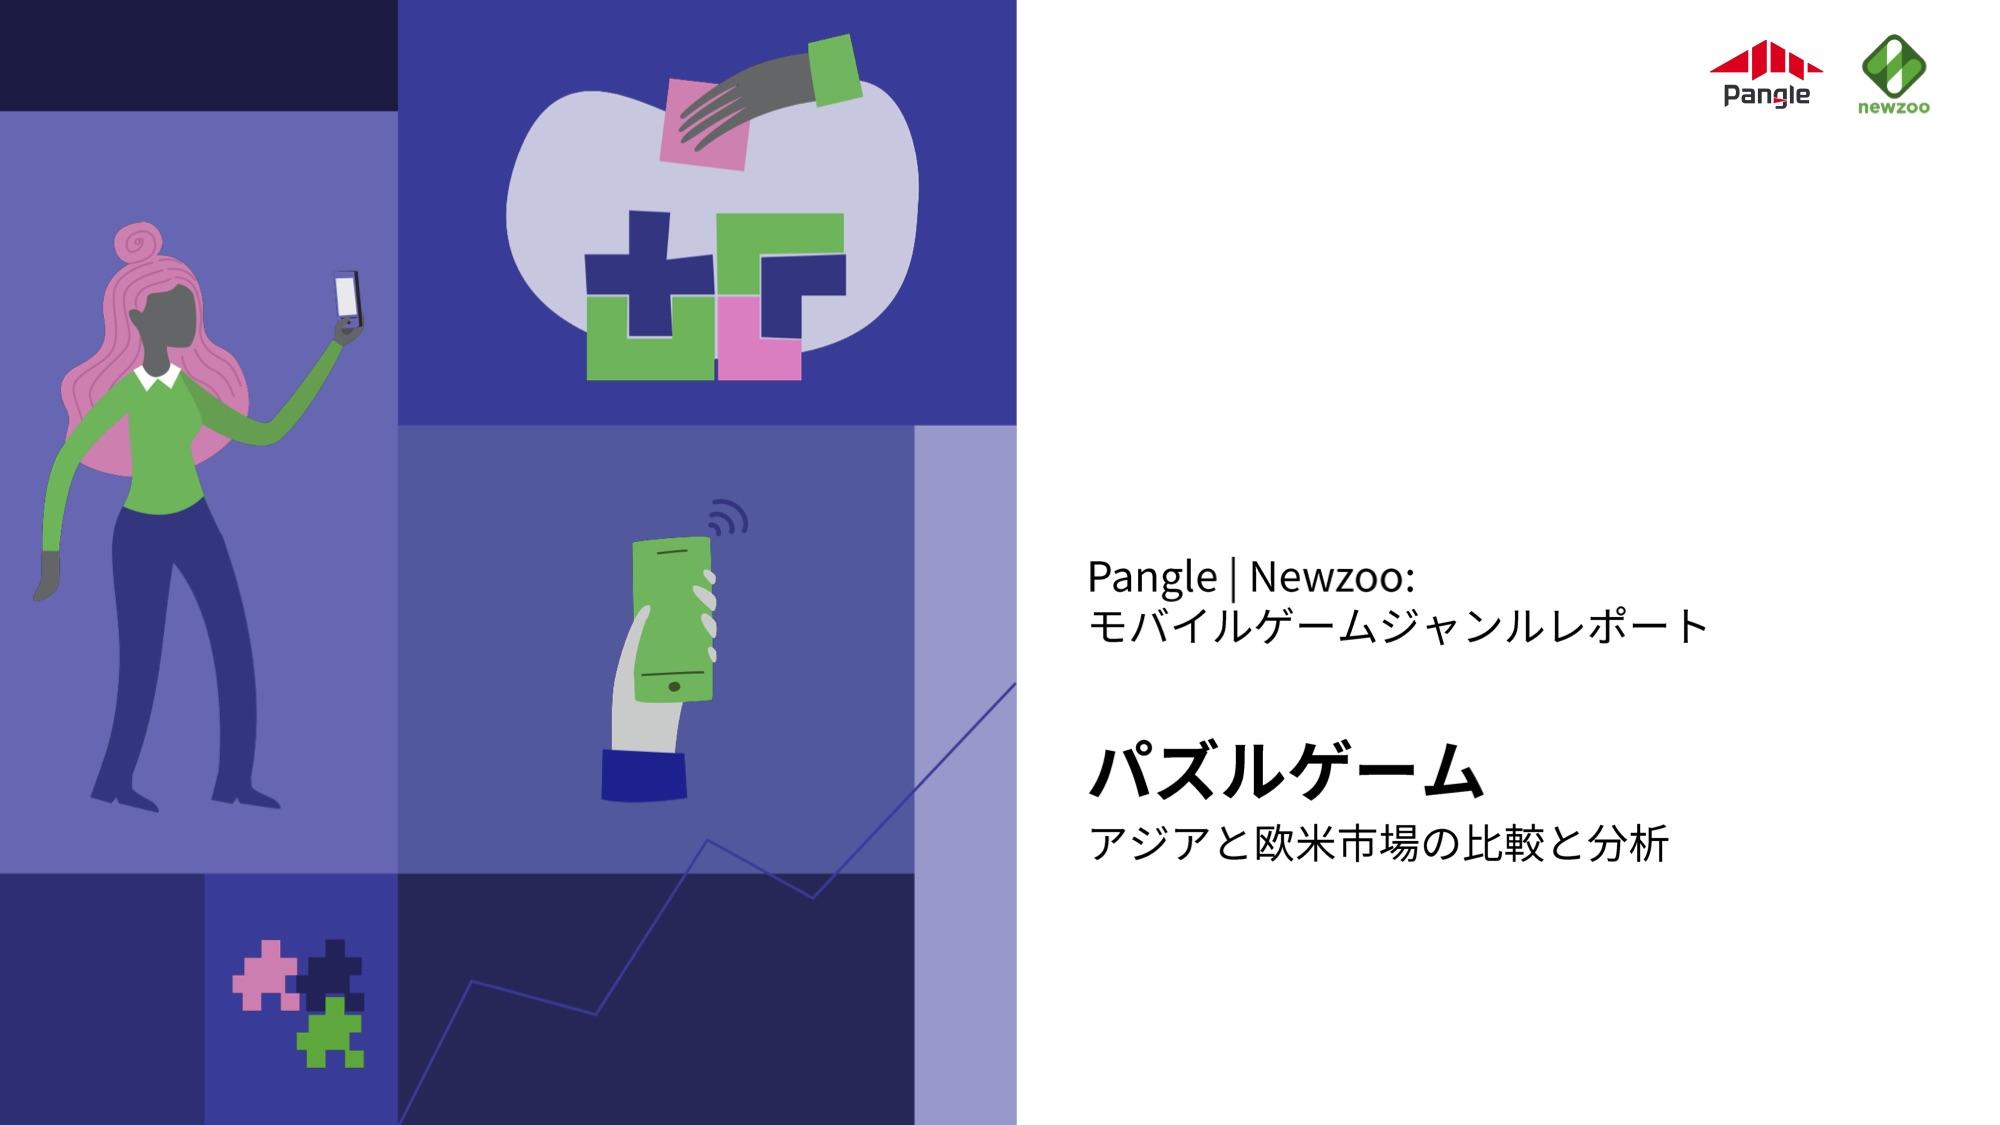 世界のモバイルパズルゲーム市場を分析、収益拡大につながるPangle|Newzoo 最新レポート「パズルゲーム:欧米とアジア市場の比較」を公開